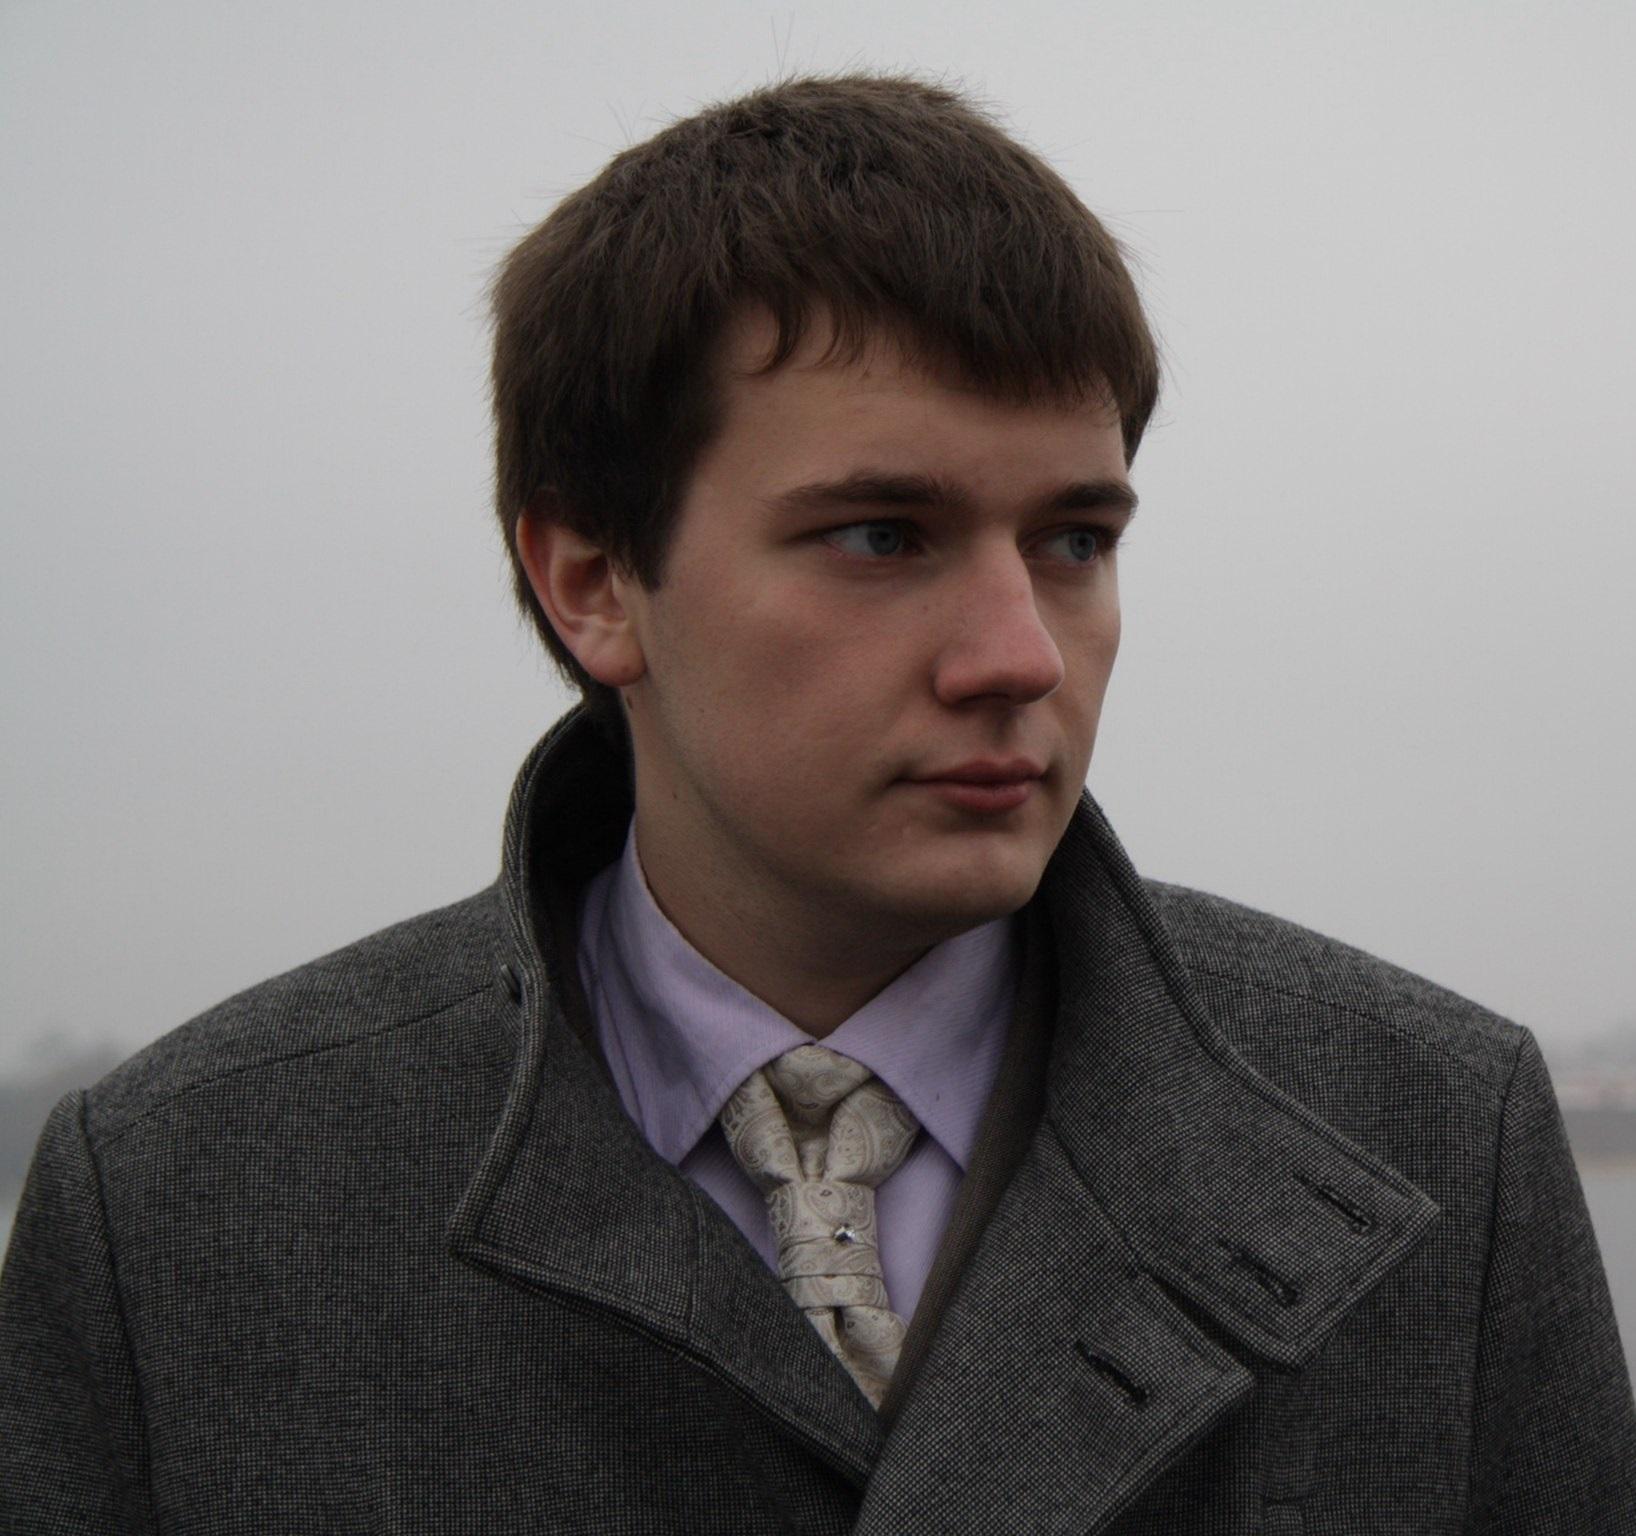 Круглов Владислав Владиславович